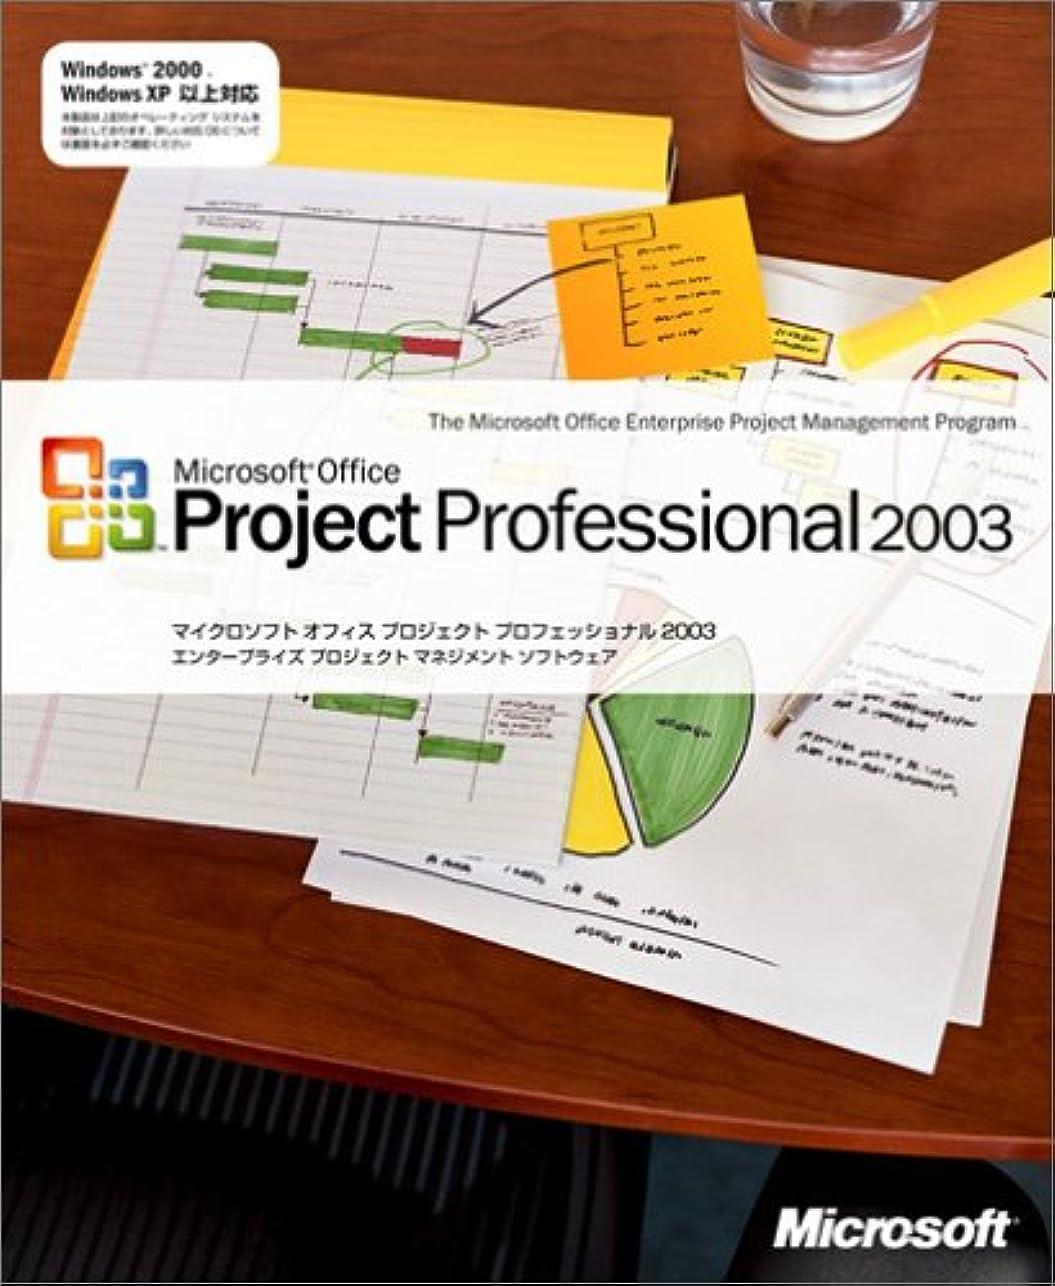 特権的フットボール暗殺【旧商品/サポート終了】Microsoft Project Professional 2003